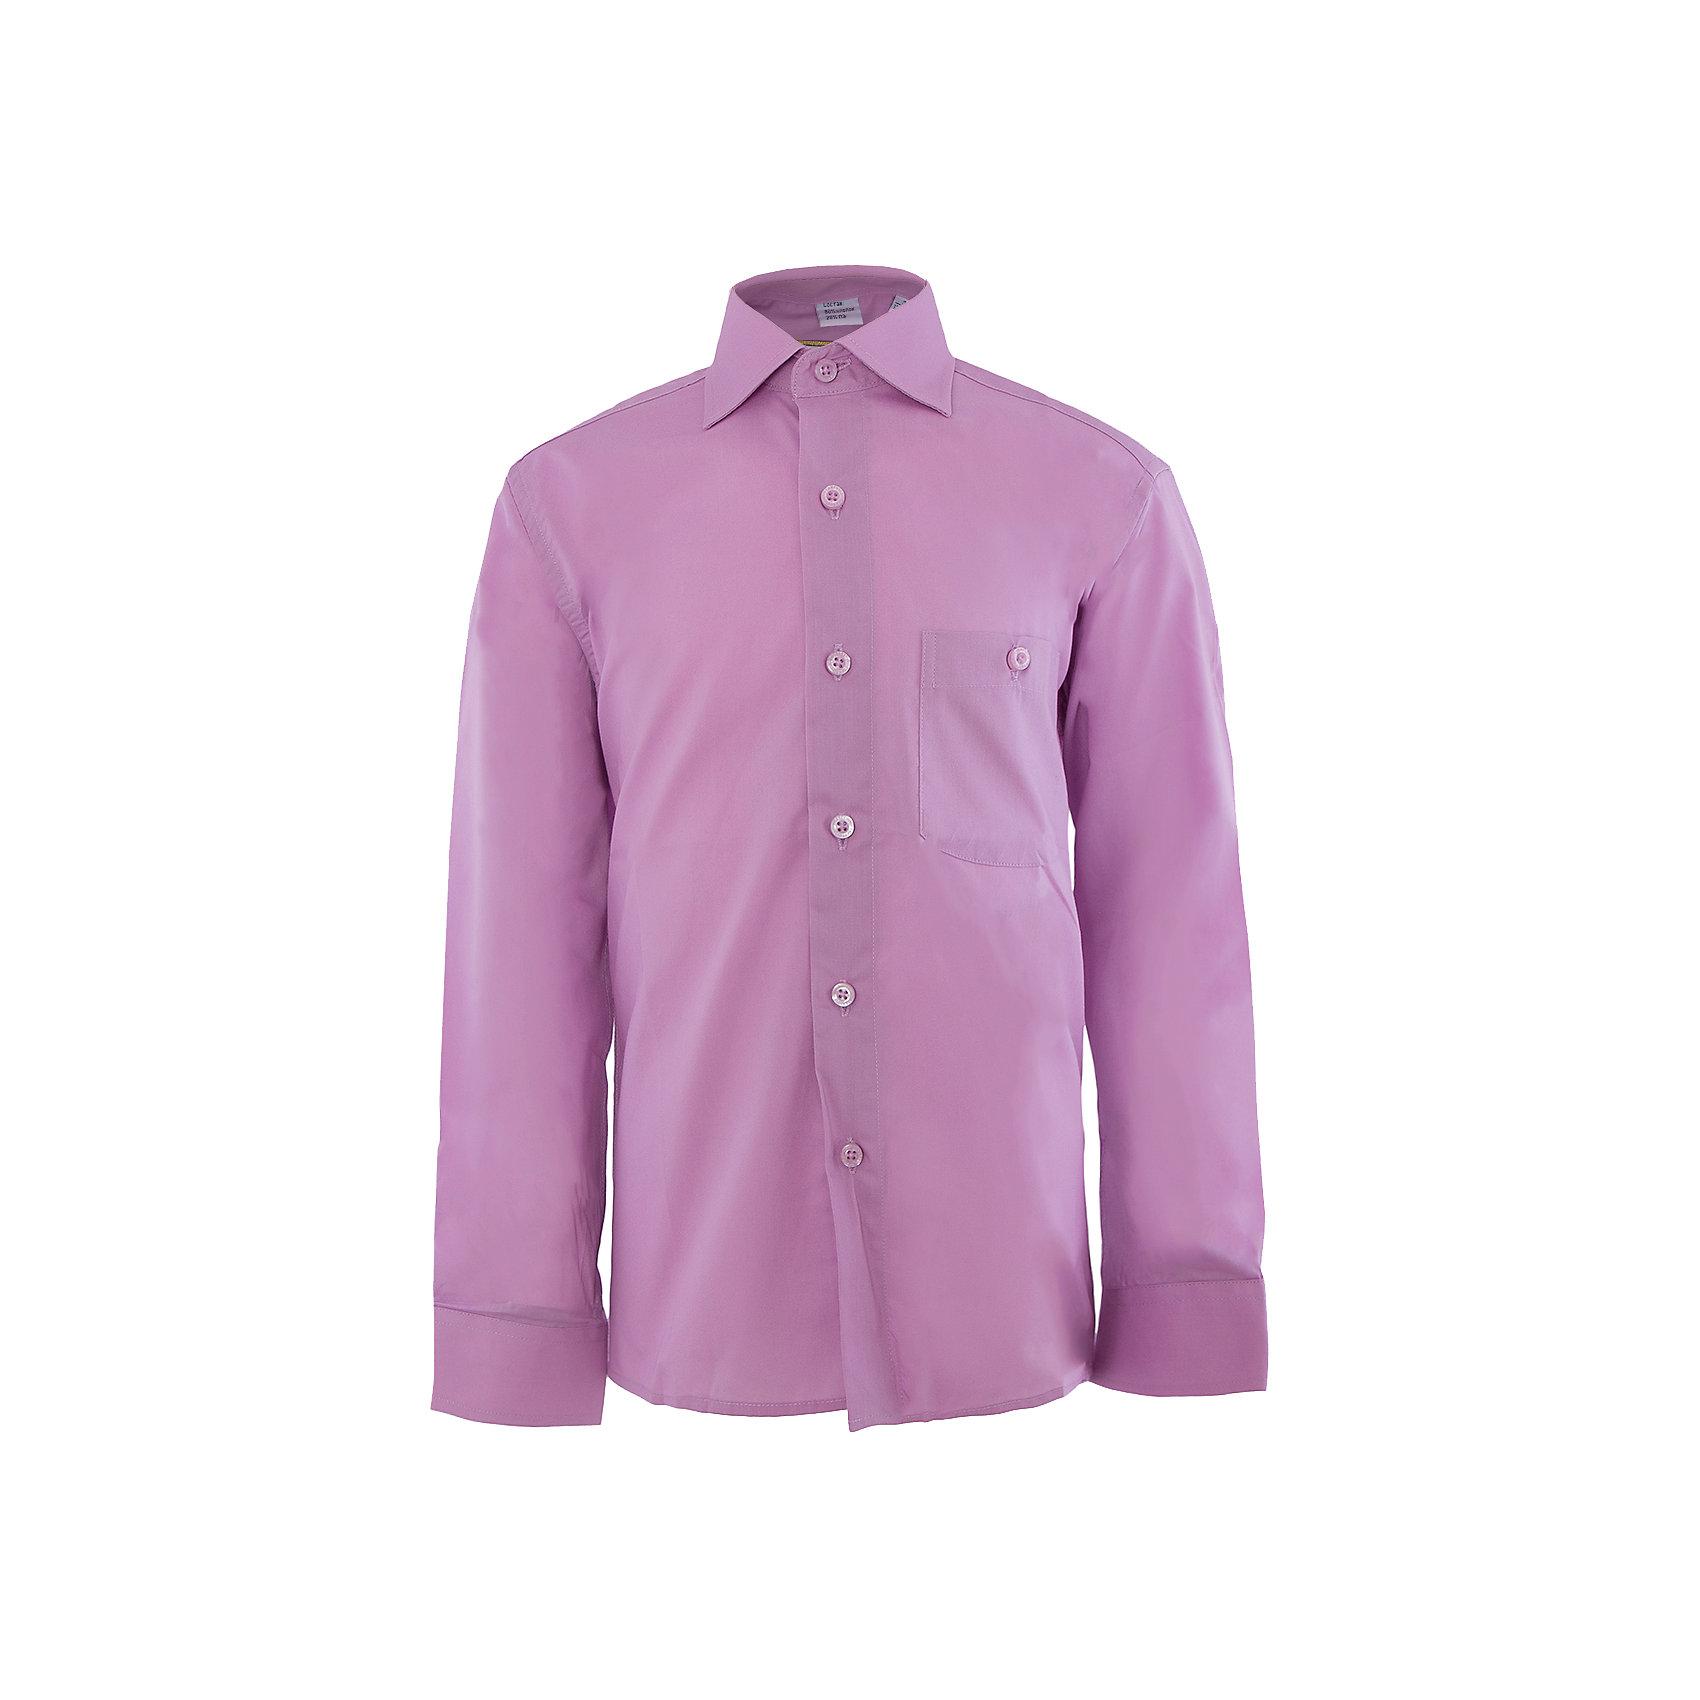 Рубашка для мальчика TsarevichРубашка для мальчика от российской марки Tsarevich<br><br>Красивая сиреневая рубашка с длинным рукавом хорошо сидит по фигуре, не стесняет движения. Материал - гипоаллергенный, дышащий и приятный на ощупь.<br><br>Особенности модели:<br><br>- материал - легкий, с содержанием хлопка;<br>- цвет - сиреневый;<br>- карман на груди с пуговицей;<br>- рукав длинный;<br>- застежки-пуговицы;<br>- манжеты;<br>- отложной воротник;<br>- пуговицы на манжетах.<br><br>Дополнительная информация:<br><br>Состав: 80% хлопок, 20% полиэстер<br><br>Габариты:<br><br>длина рукава - 45 см;<br>длина по спинке - 53 см.<br><br>* соответствует размеру 30/128-134<br><br>Уход за изделием:<br><br>стирка в машине при температуре до 40°С,<br>не отбеливать,<br>гладить на средней температуре.<br><br>Рубашку для мальчика от российской марки Tsarevich (Царевич) можно купить в нашем магазине.<br><br>Ширина мм: 174<br>Глубина мм: 10<br>Высота мм: 169<br>Вес г: 157<br>Цвет: розовый<br>Возраст от месяцев: 84<br>Возраст до месяцев: 96<br>Пол: Мужской<br>Возраст: Детский<br>Размер: 122/128,146/152,128/134,164/170,158/164,152/158,140/146,134/140<br>SKU: 4295908